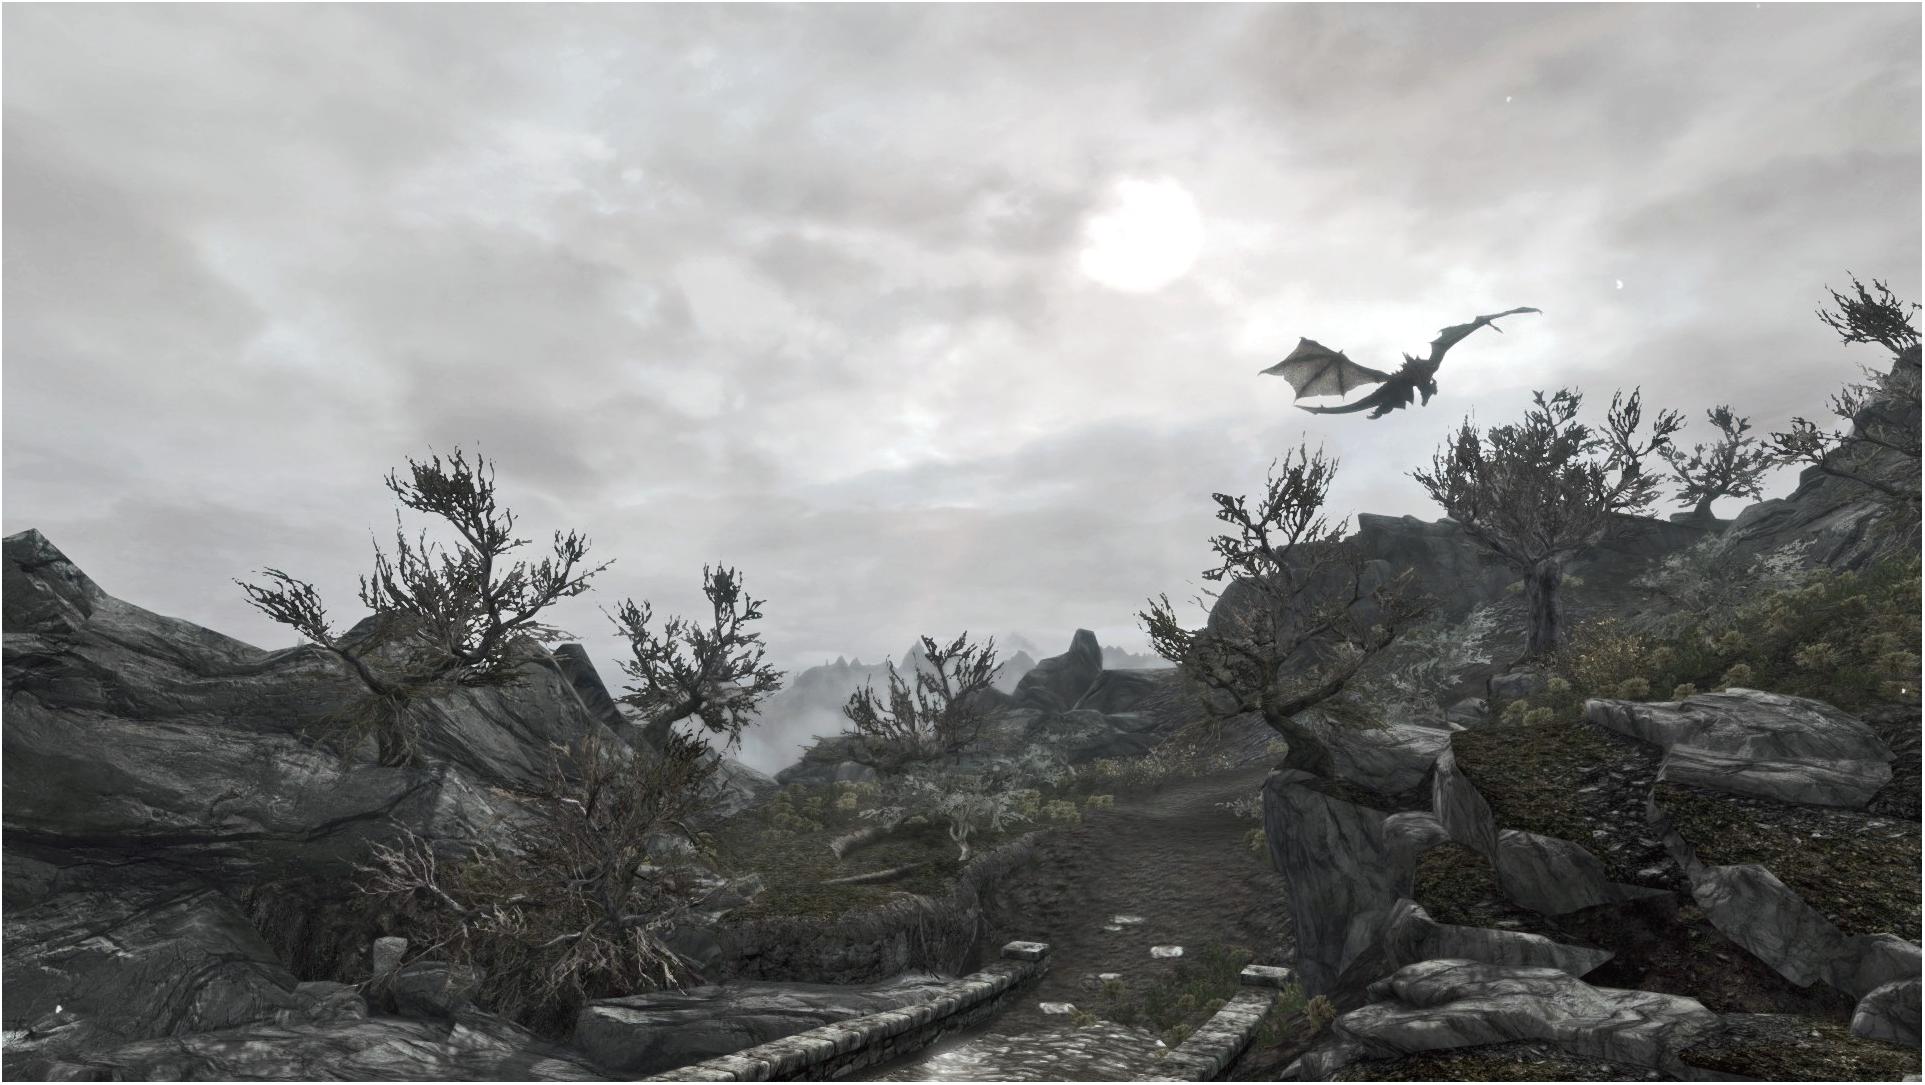 Elder Scrolls V Skyrim_0061_JTC.png